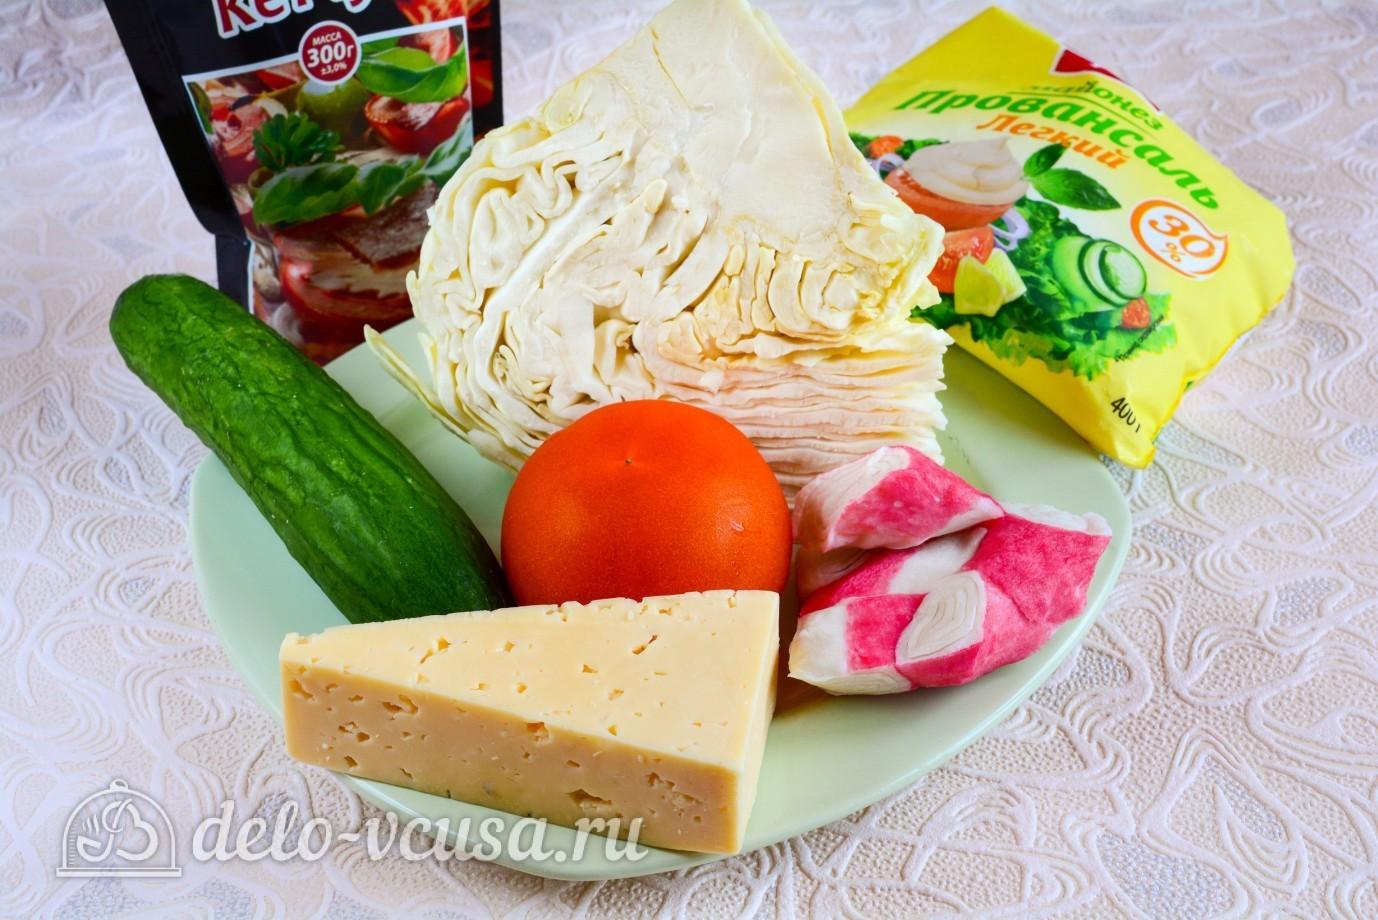 салат с крабовыми палочками сыром и яблоком рецепт